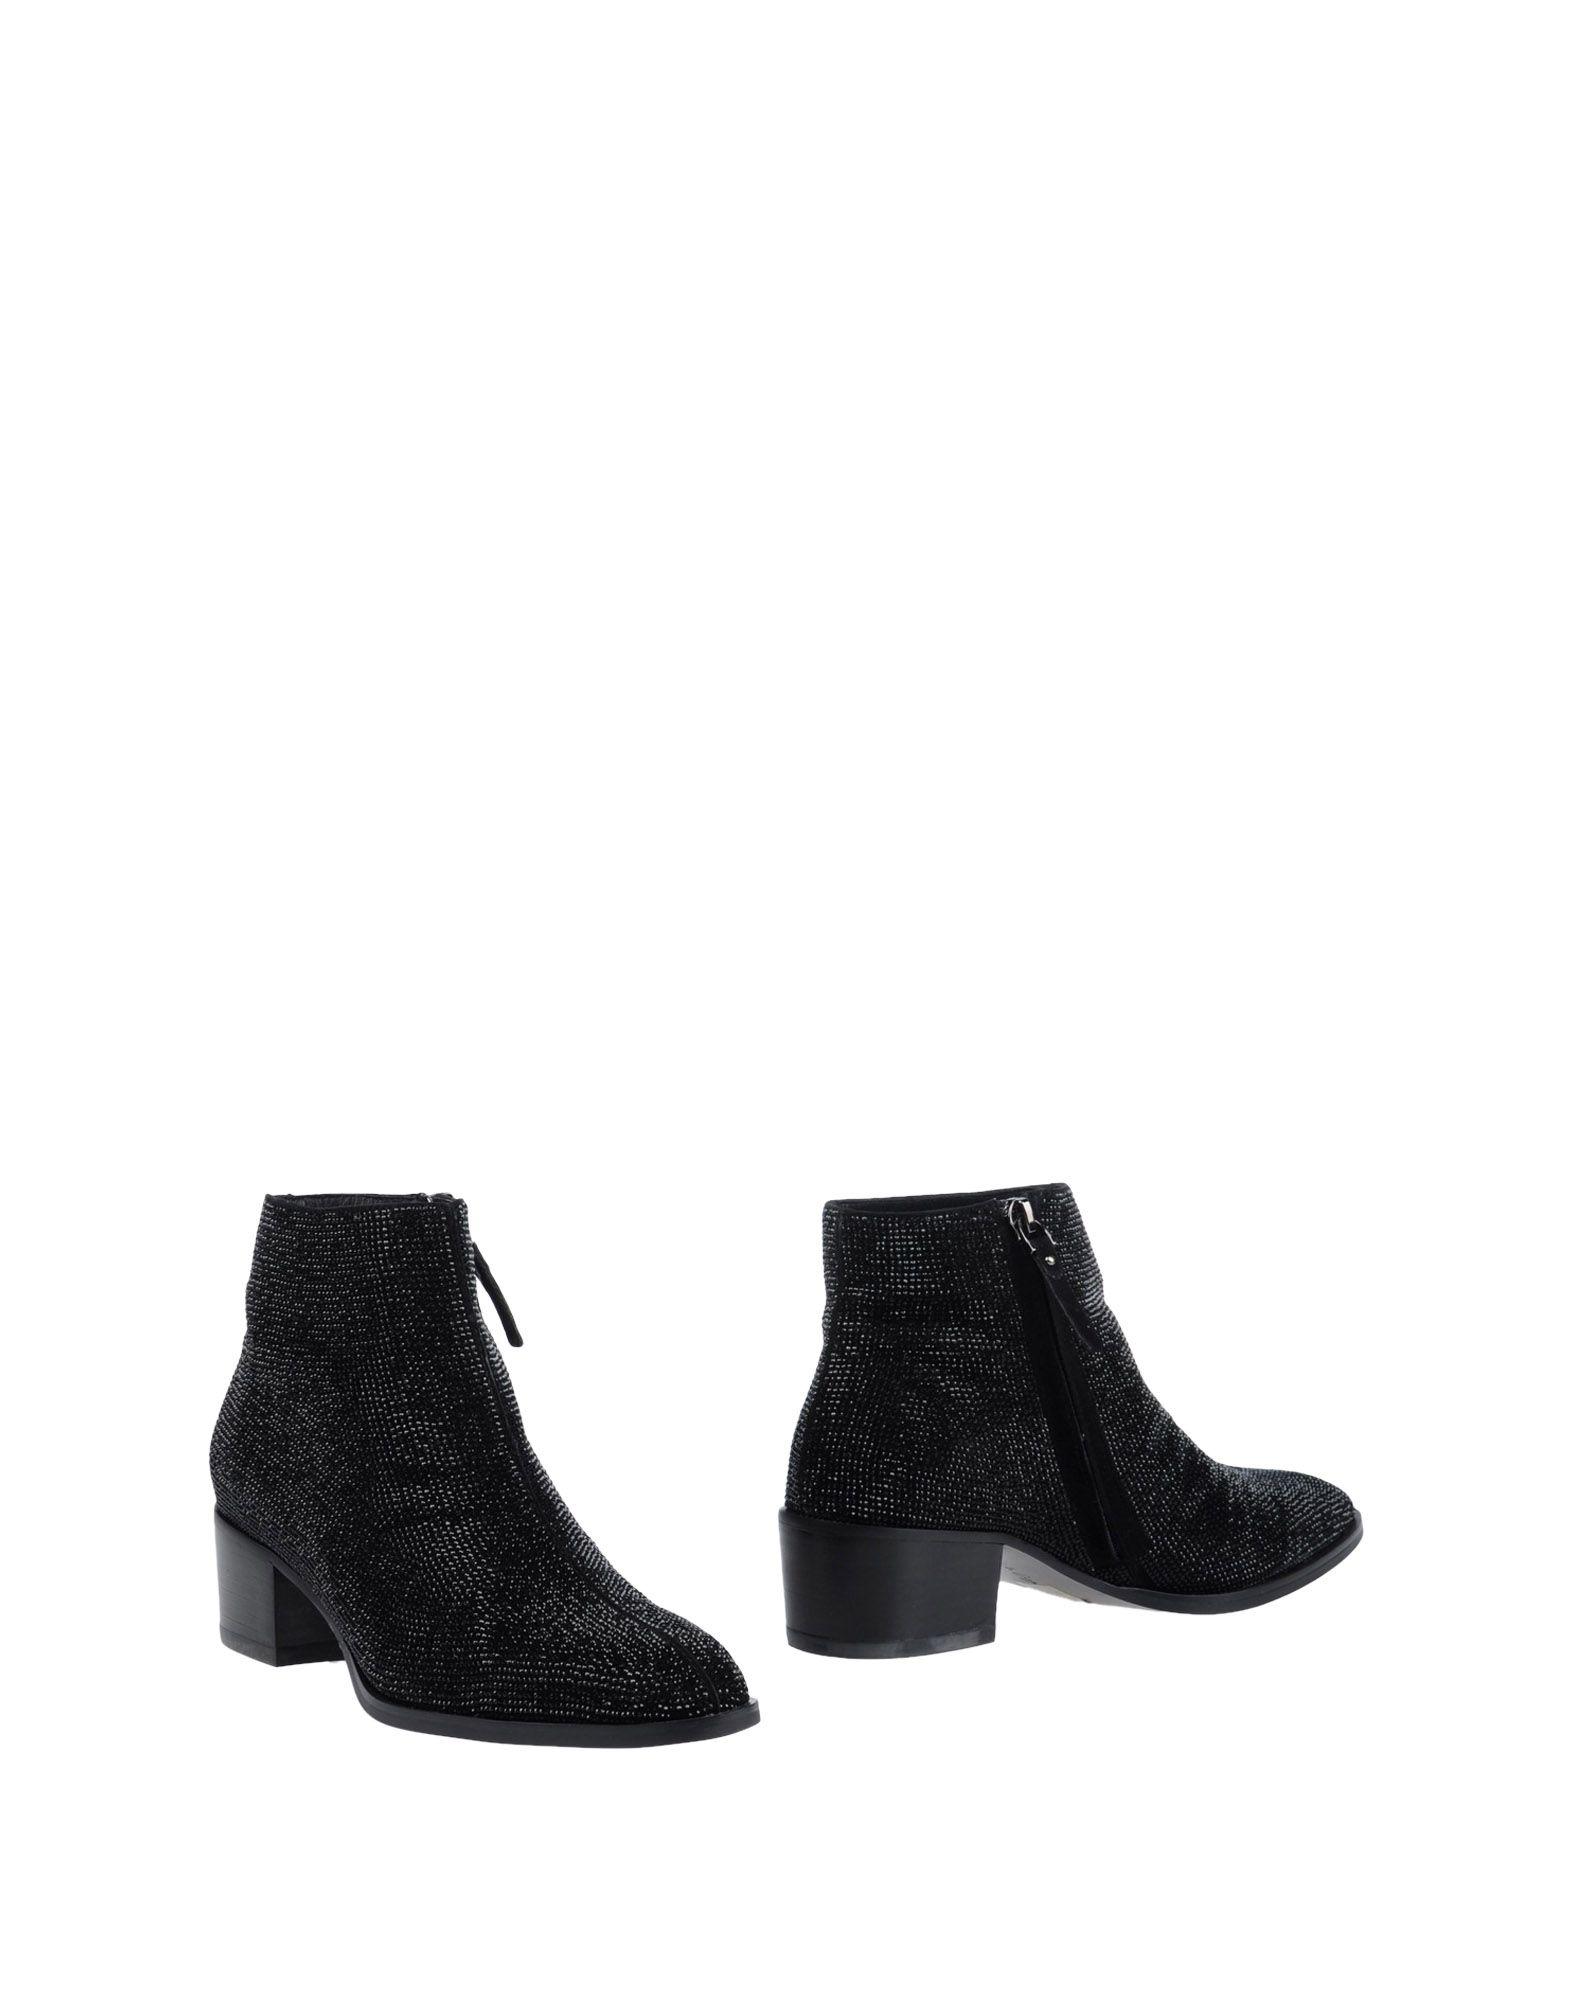 Lola Cruz Stiefelette Damen  11267381IX Gute Qualität beliebte Schuhe